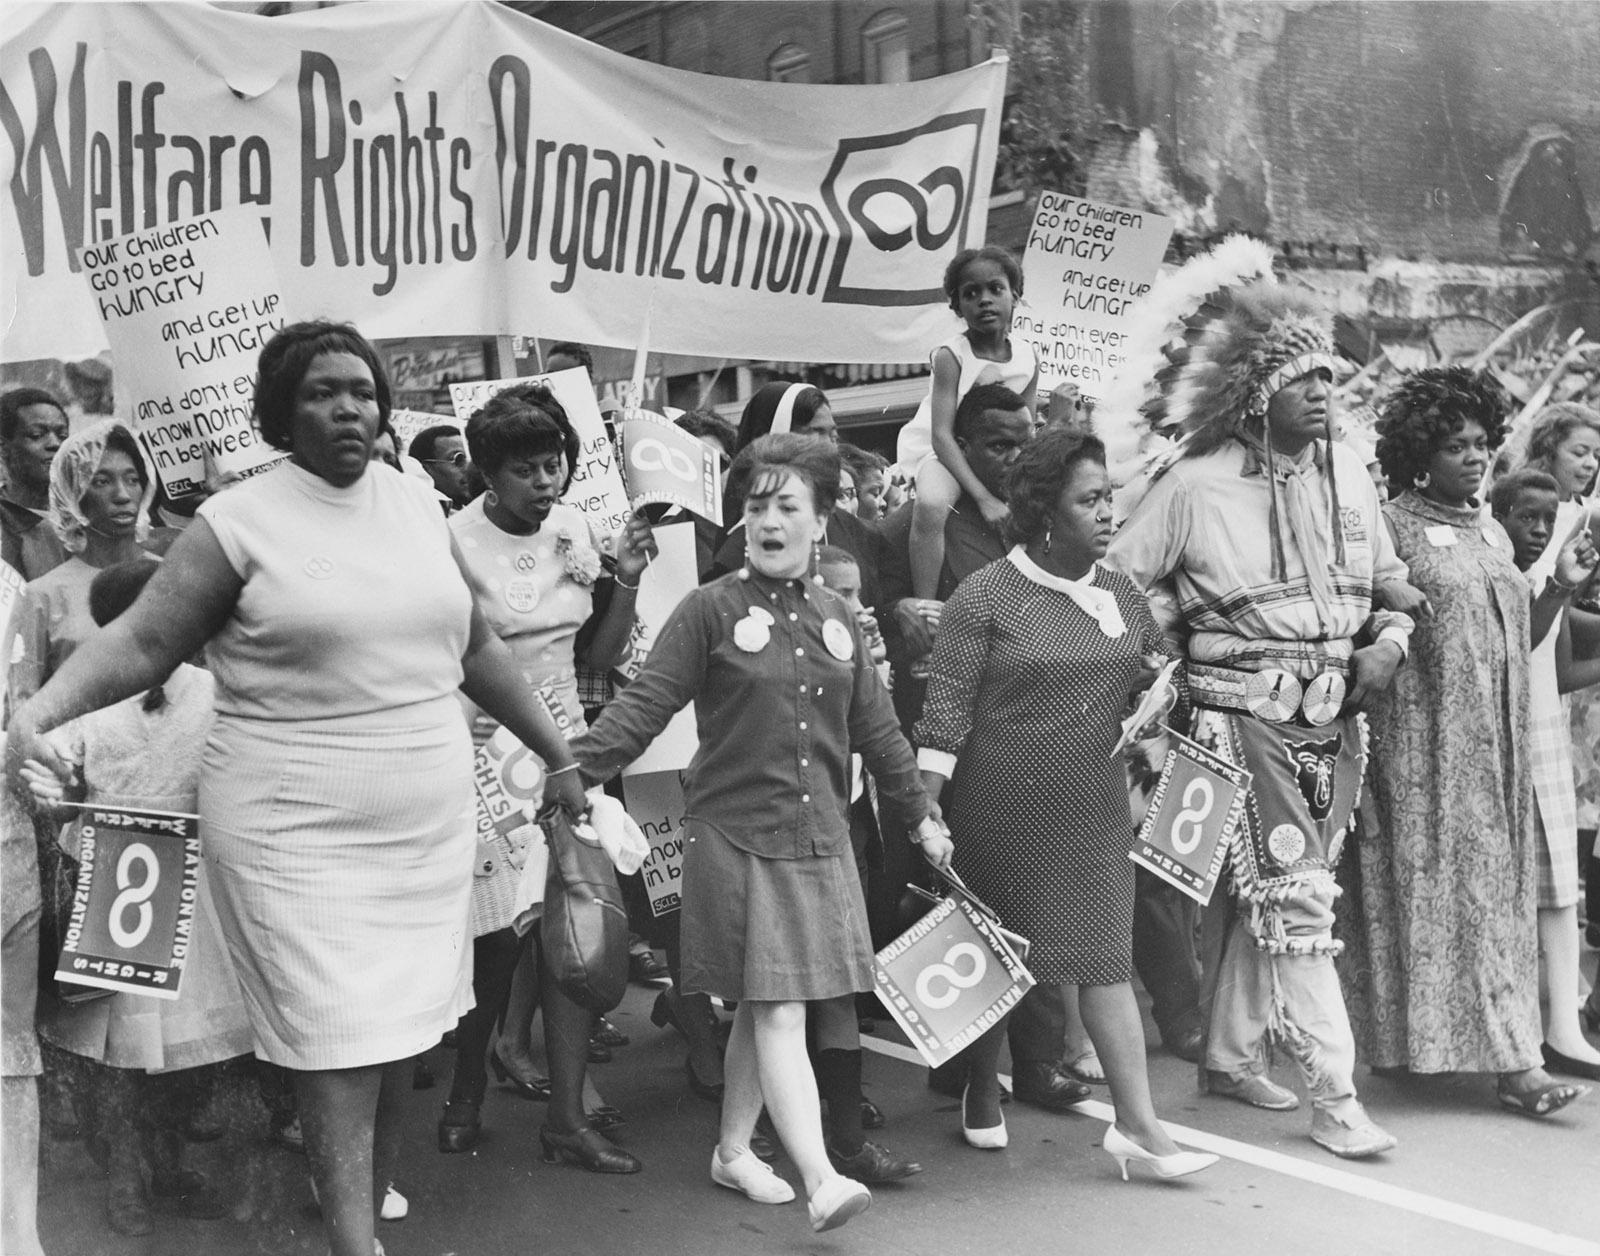 """Activistas que marchan bajo la bandera de la National Welfare Reform Organization en la """"campaña de los pobres"""", Washington, DC, mayo-junio de 1968. (Colección Jack Rottier / Biblioteca de la Universidad George Mason)"""